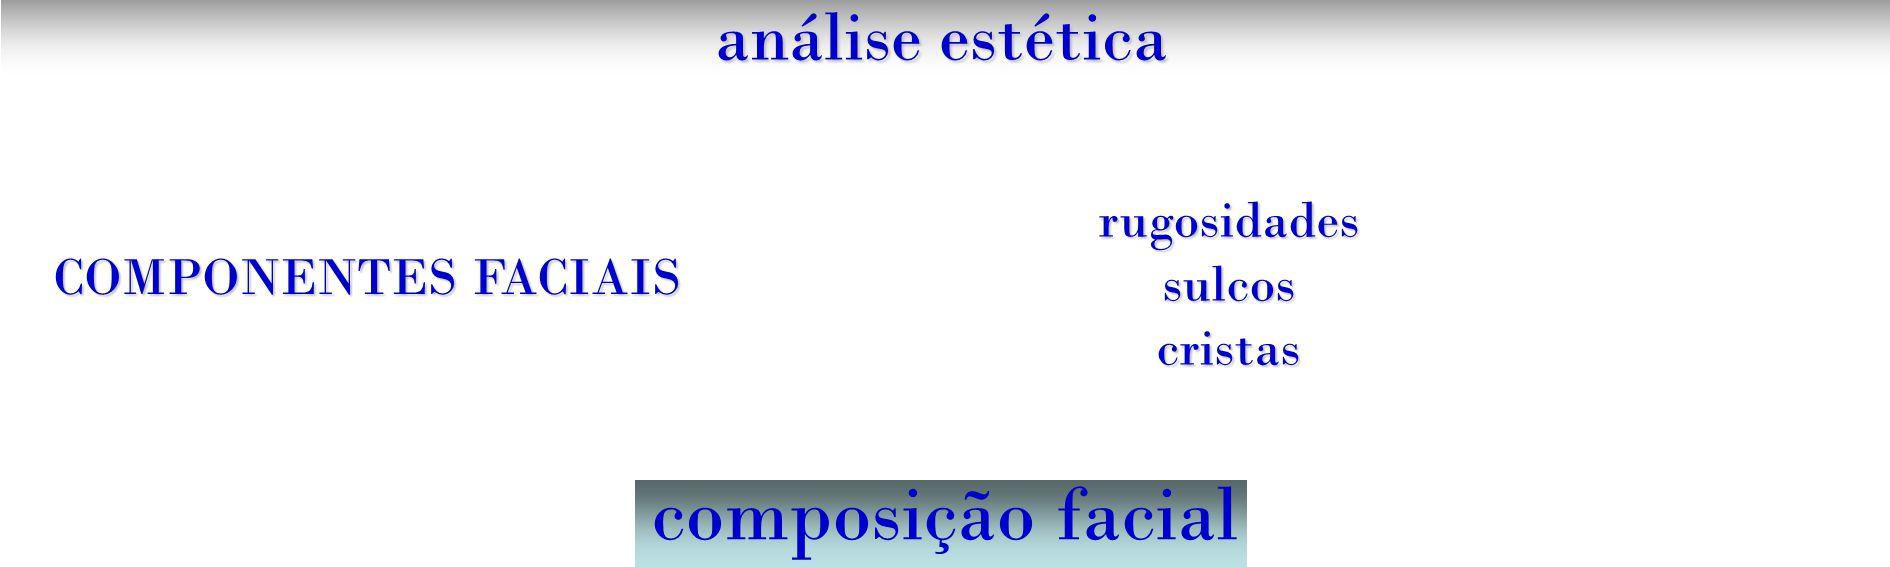 composição facial análise estética rugosidades sulcos